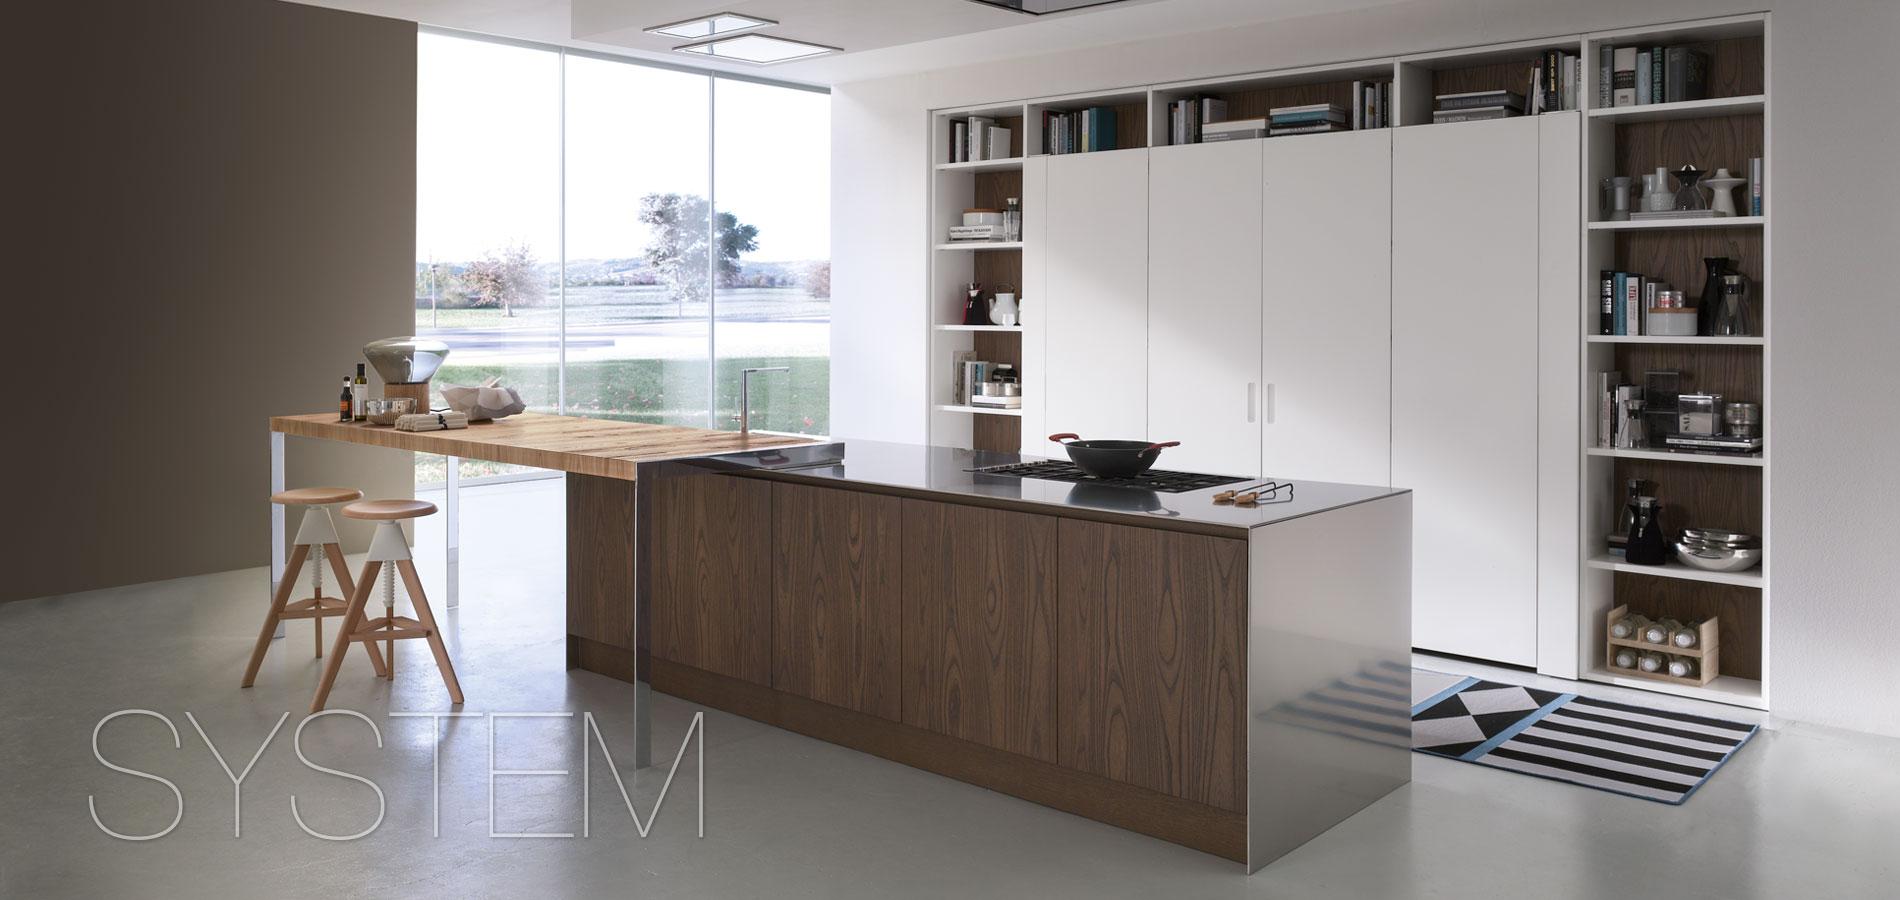 Cucine Moderne Maddaloni.Cucina System Pedini Pellegrino Arreda Cucine